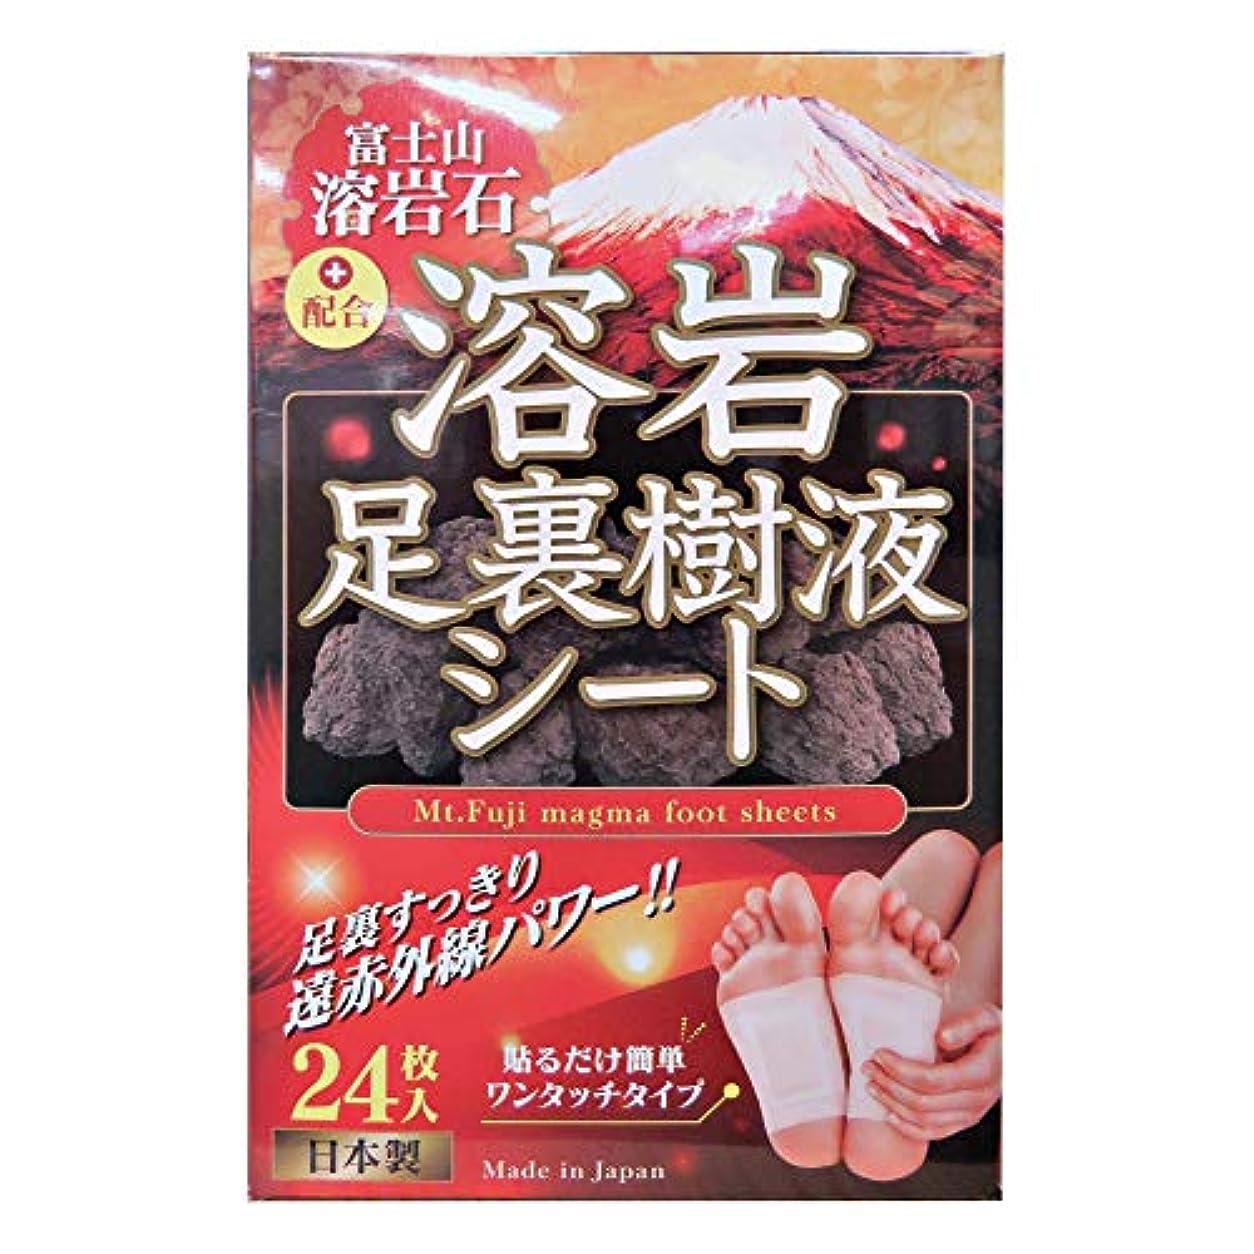 スポット骨非効率的な富士山溶岩石配合 溶岩足裏樹液シート(24枚)